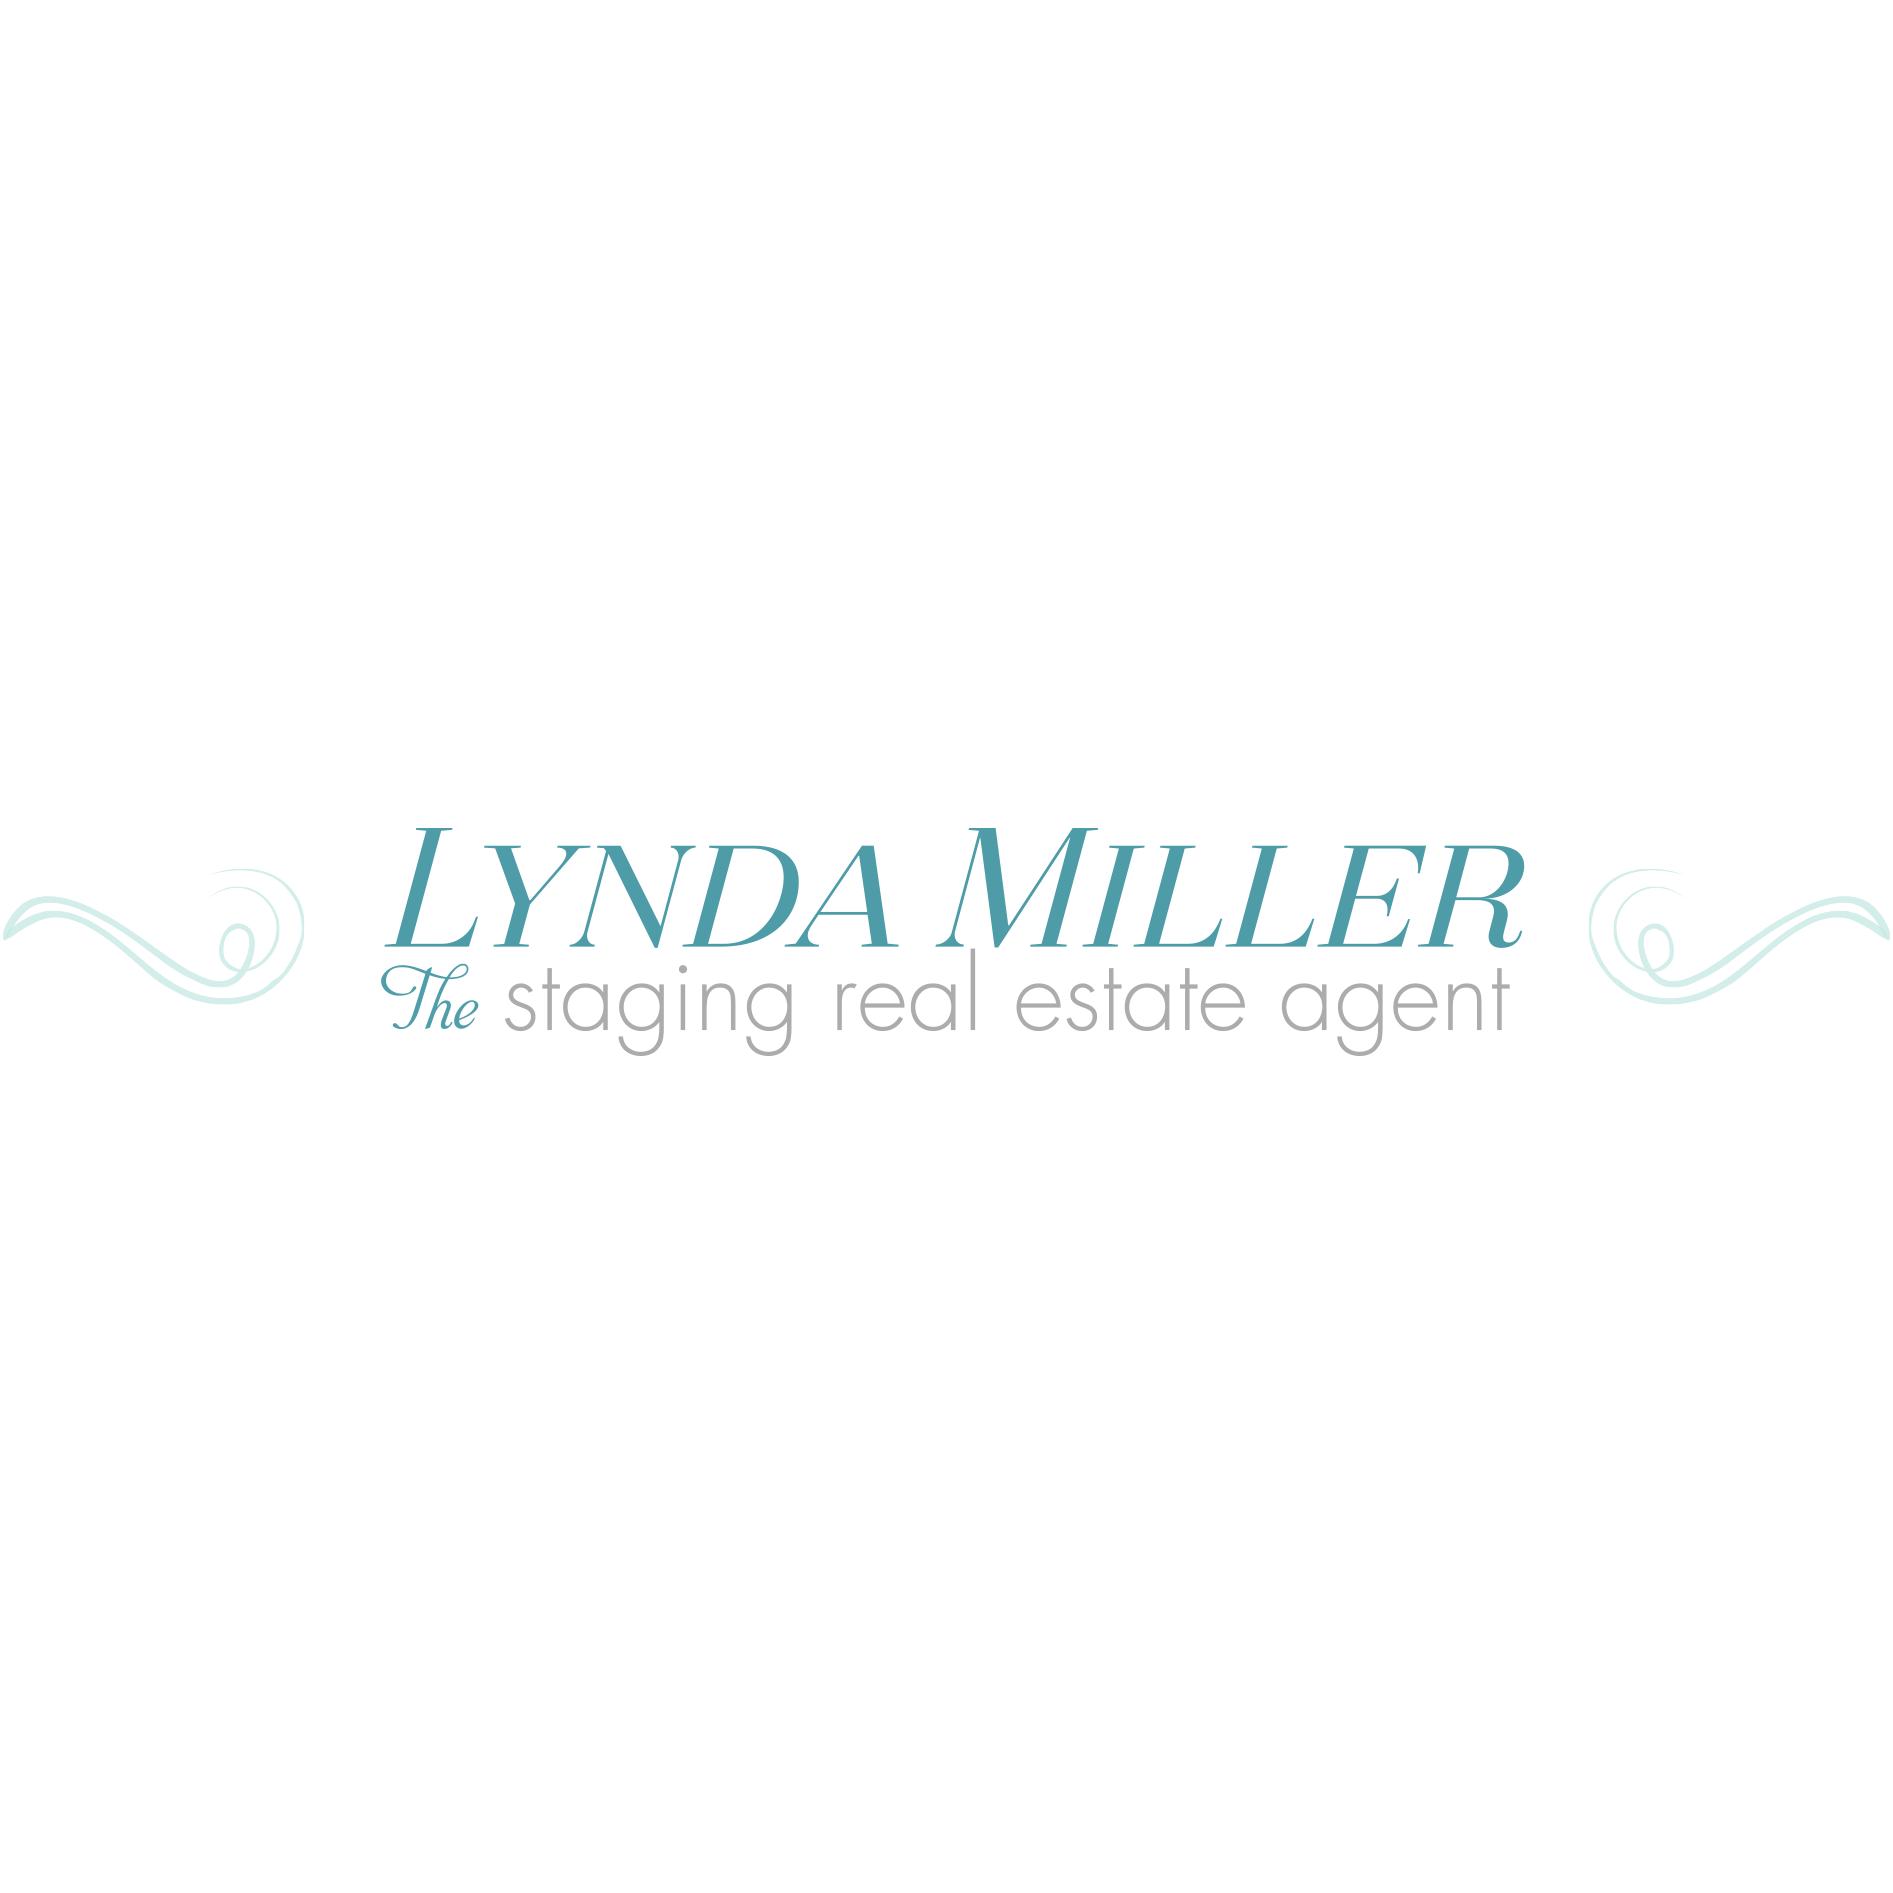 Lynda Miller, Realtor - Longwood, FL 32779 - (407)620-2924 | ShowMeLocal.com